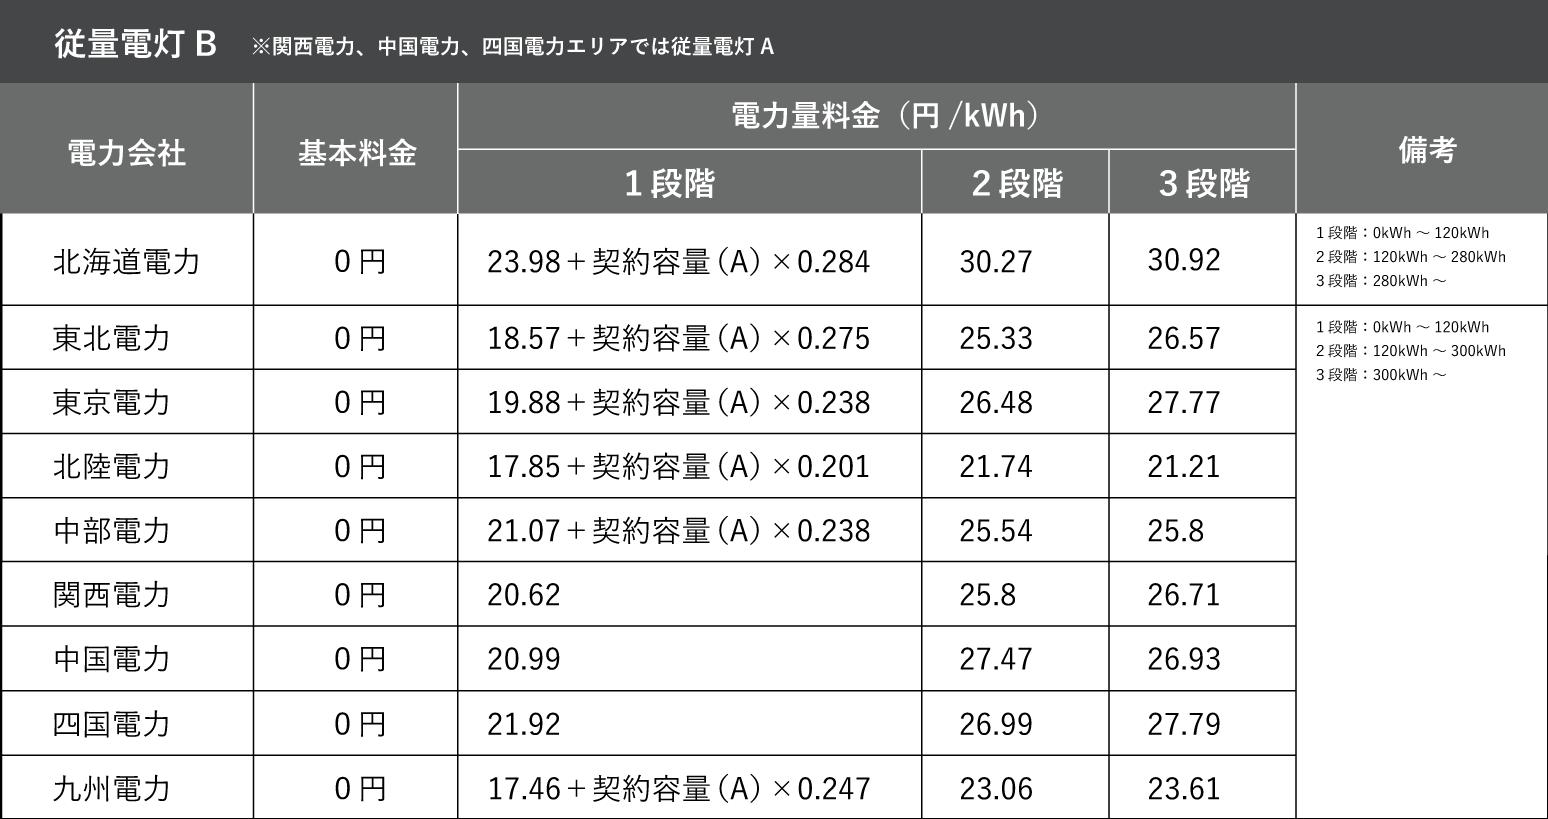 従量電灯B(関西電力、中国電力エリアでは従量電灯A)